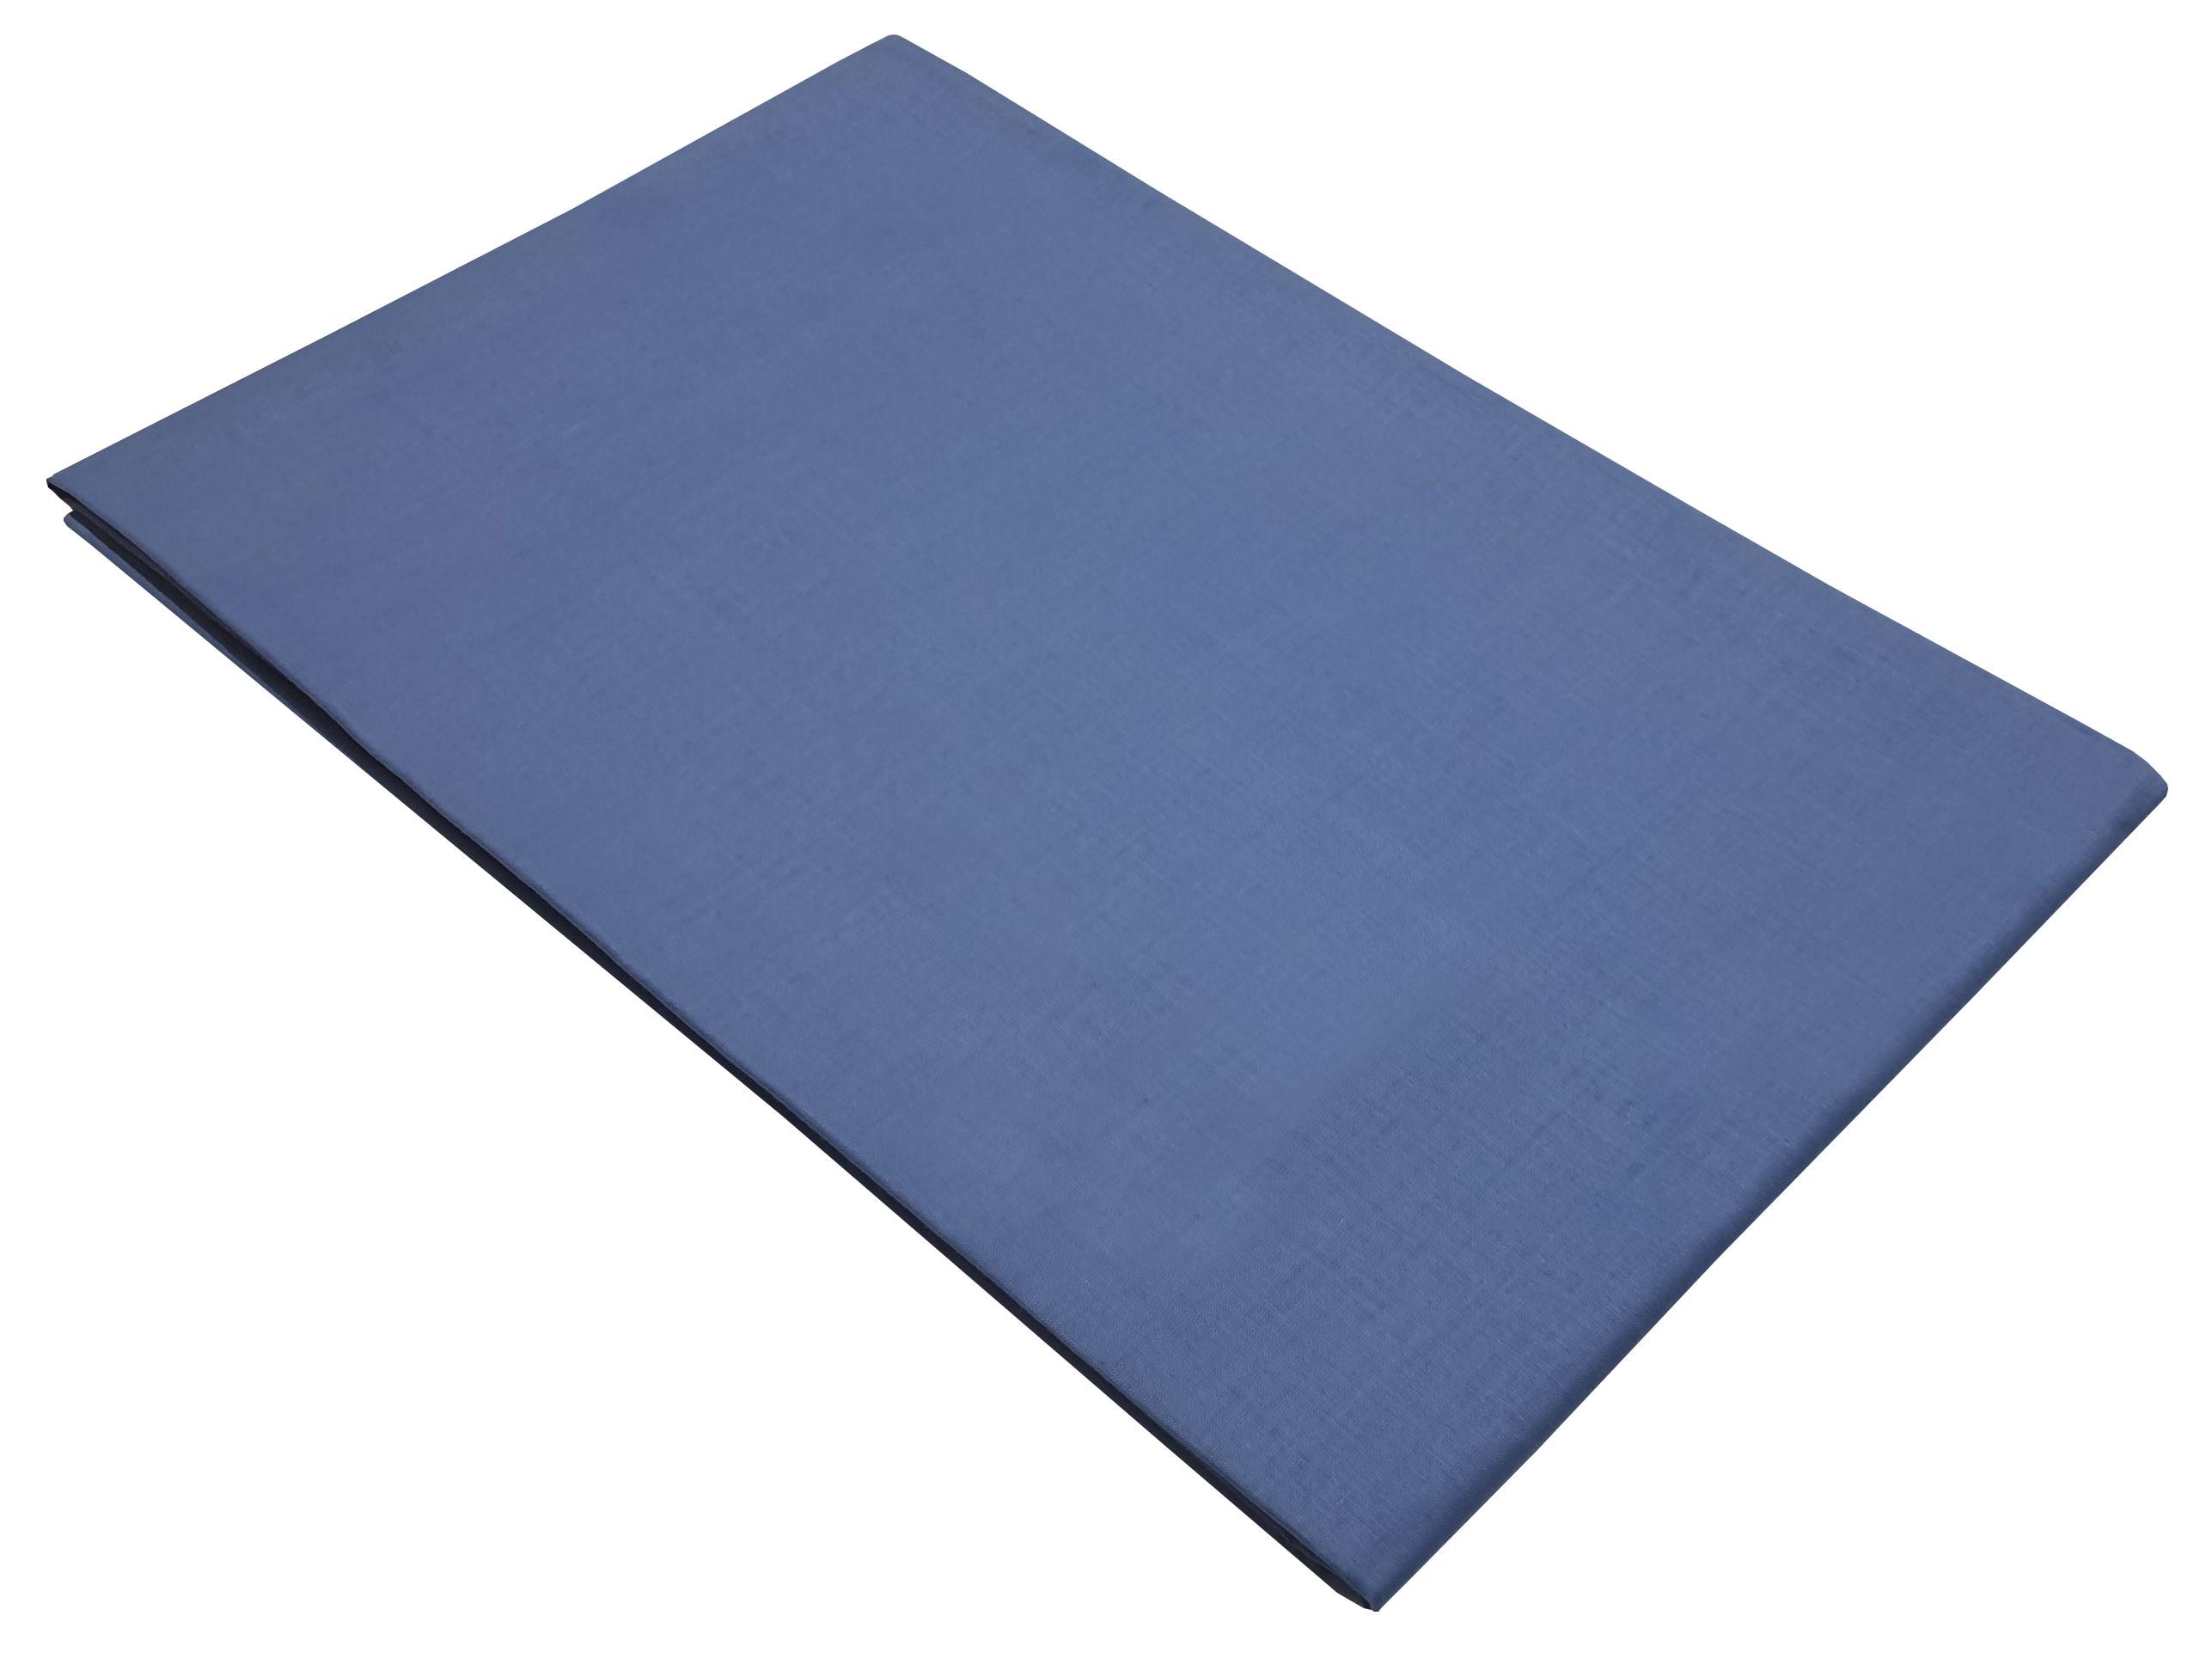 Σεντόνι ΚΟΜΒΟΣ Μπλε μονόχρωμο Υπέρδιπλο με λάστιχο 170x200+20 - 7002201-3F